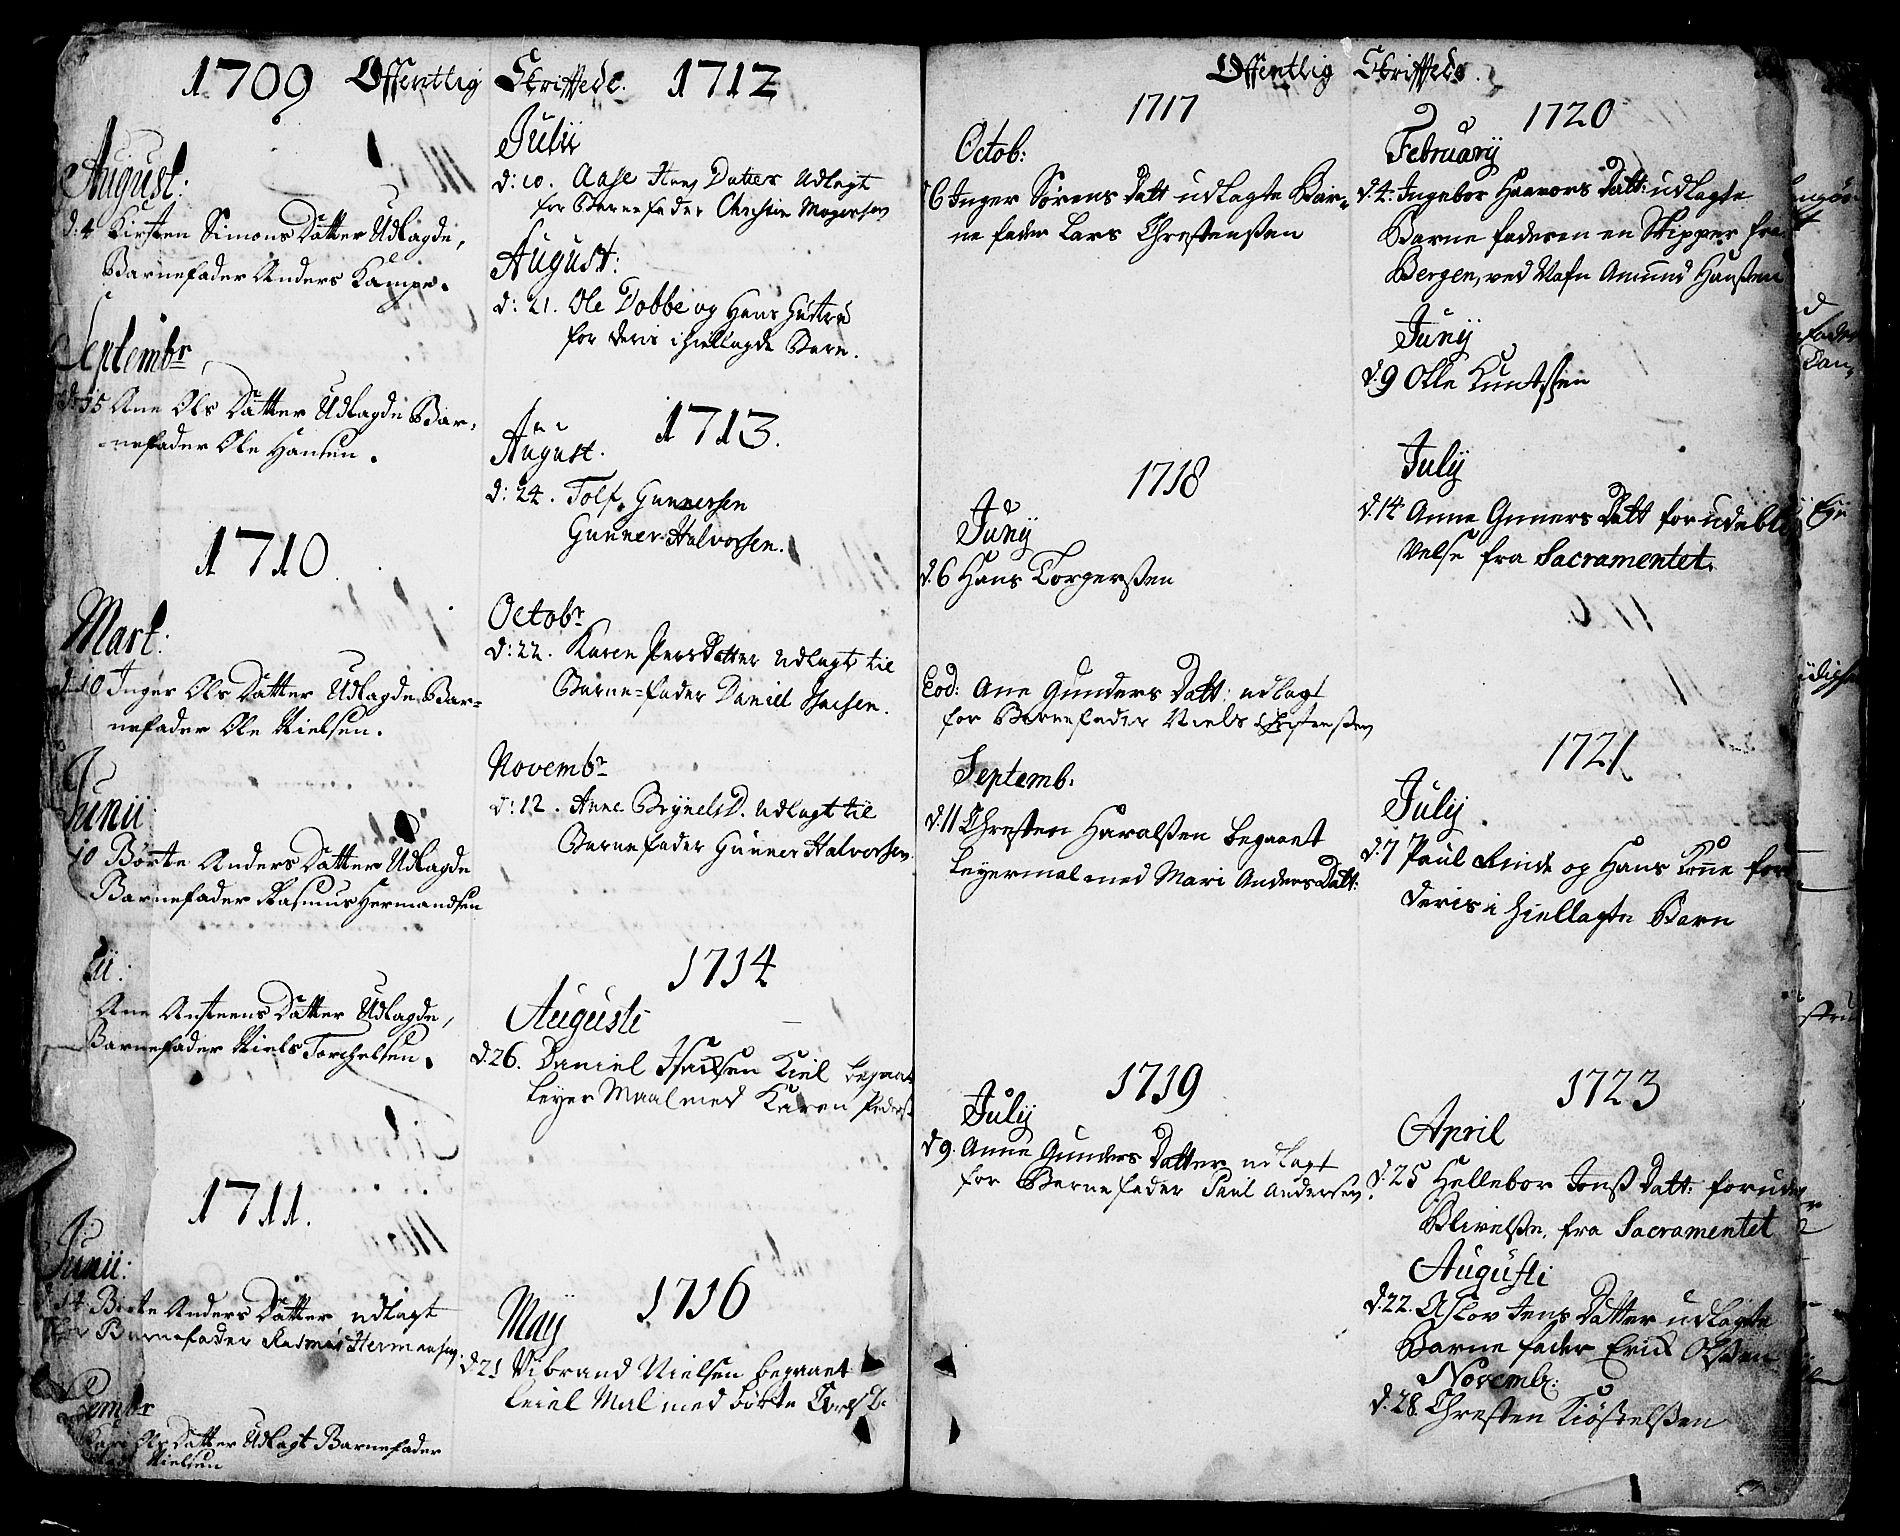 SAKO, Sannidal kirkebøker, F/Fa/L0001: Ministerialbok nr. 1, 1702-1766, s. 350-351